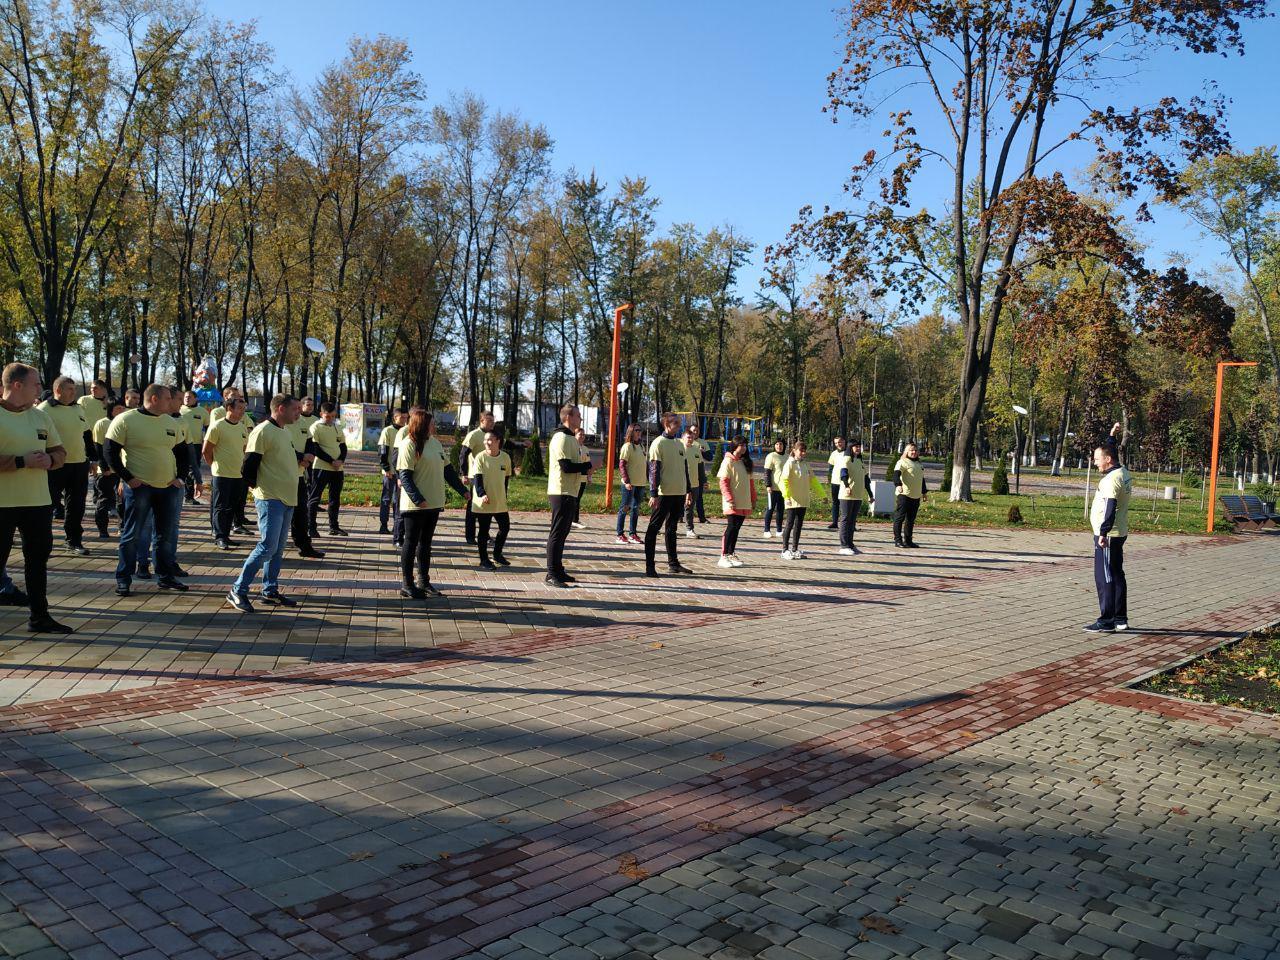 Правоохоронці Покровської оперативної зони взяли участь у марафоні до Дня захисника України, фото-1